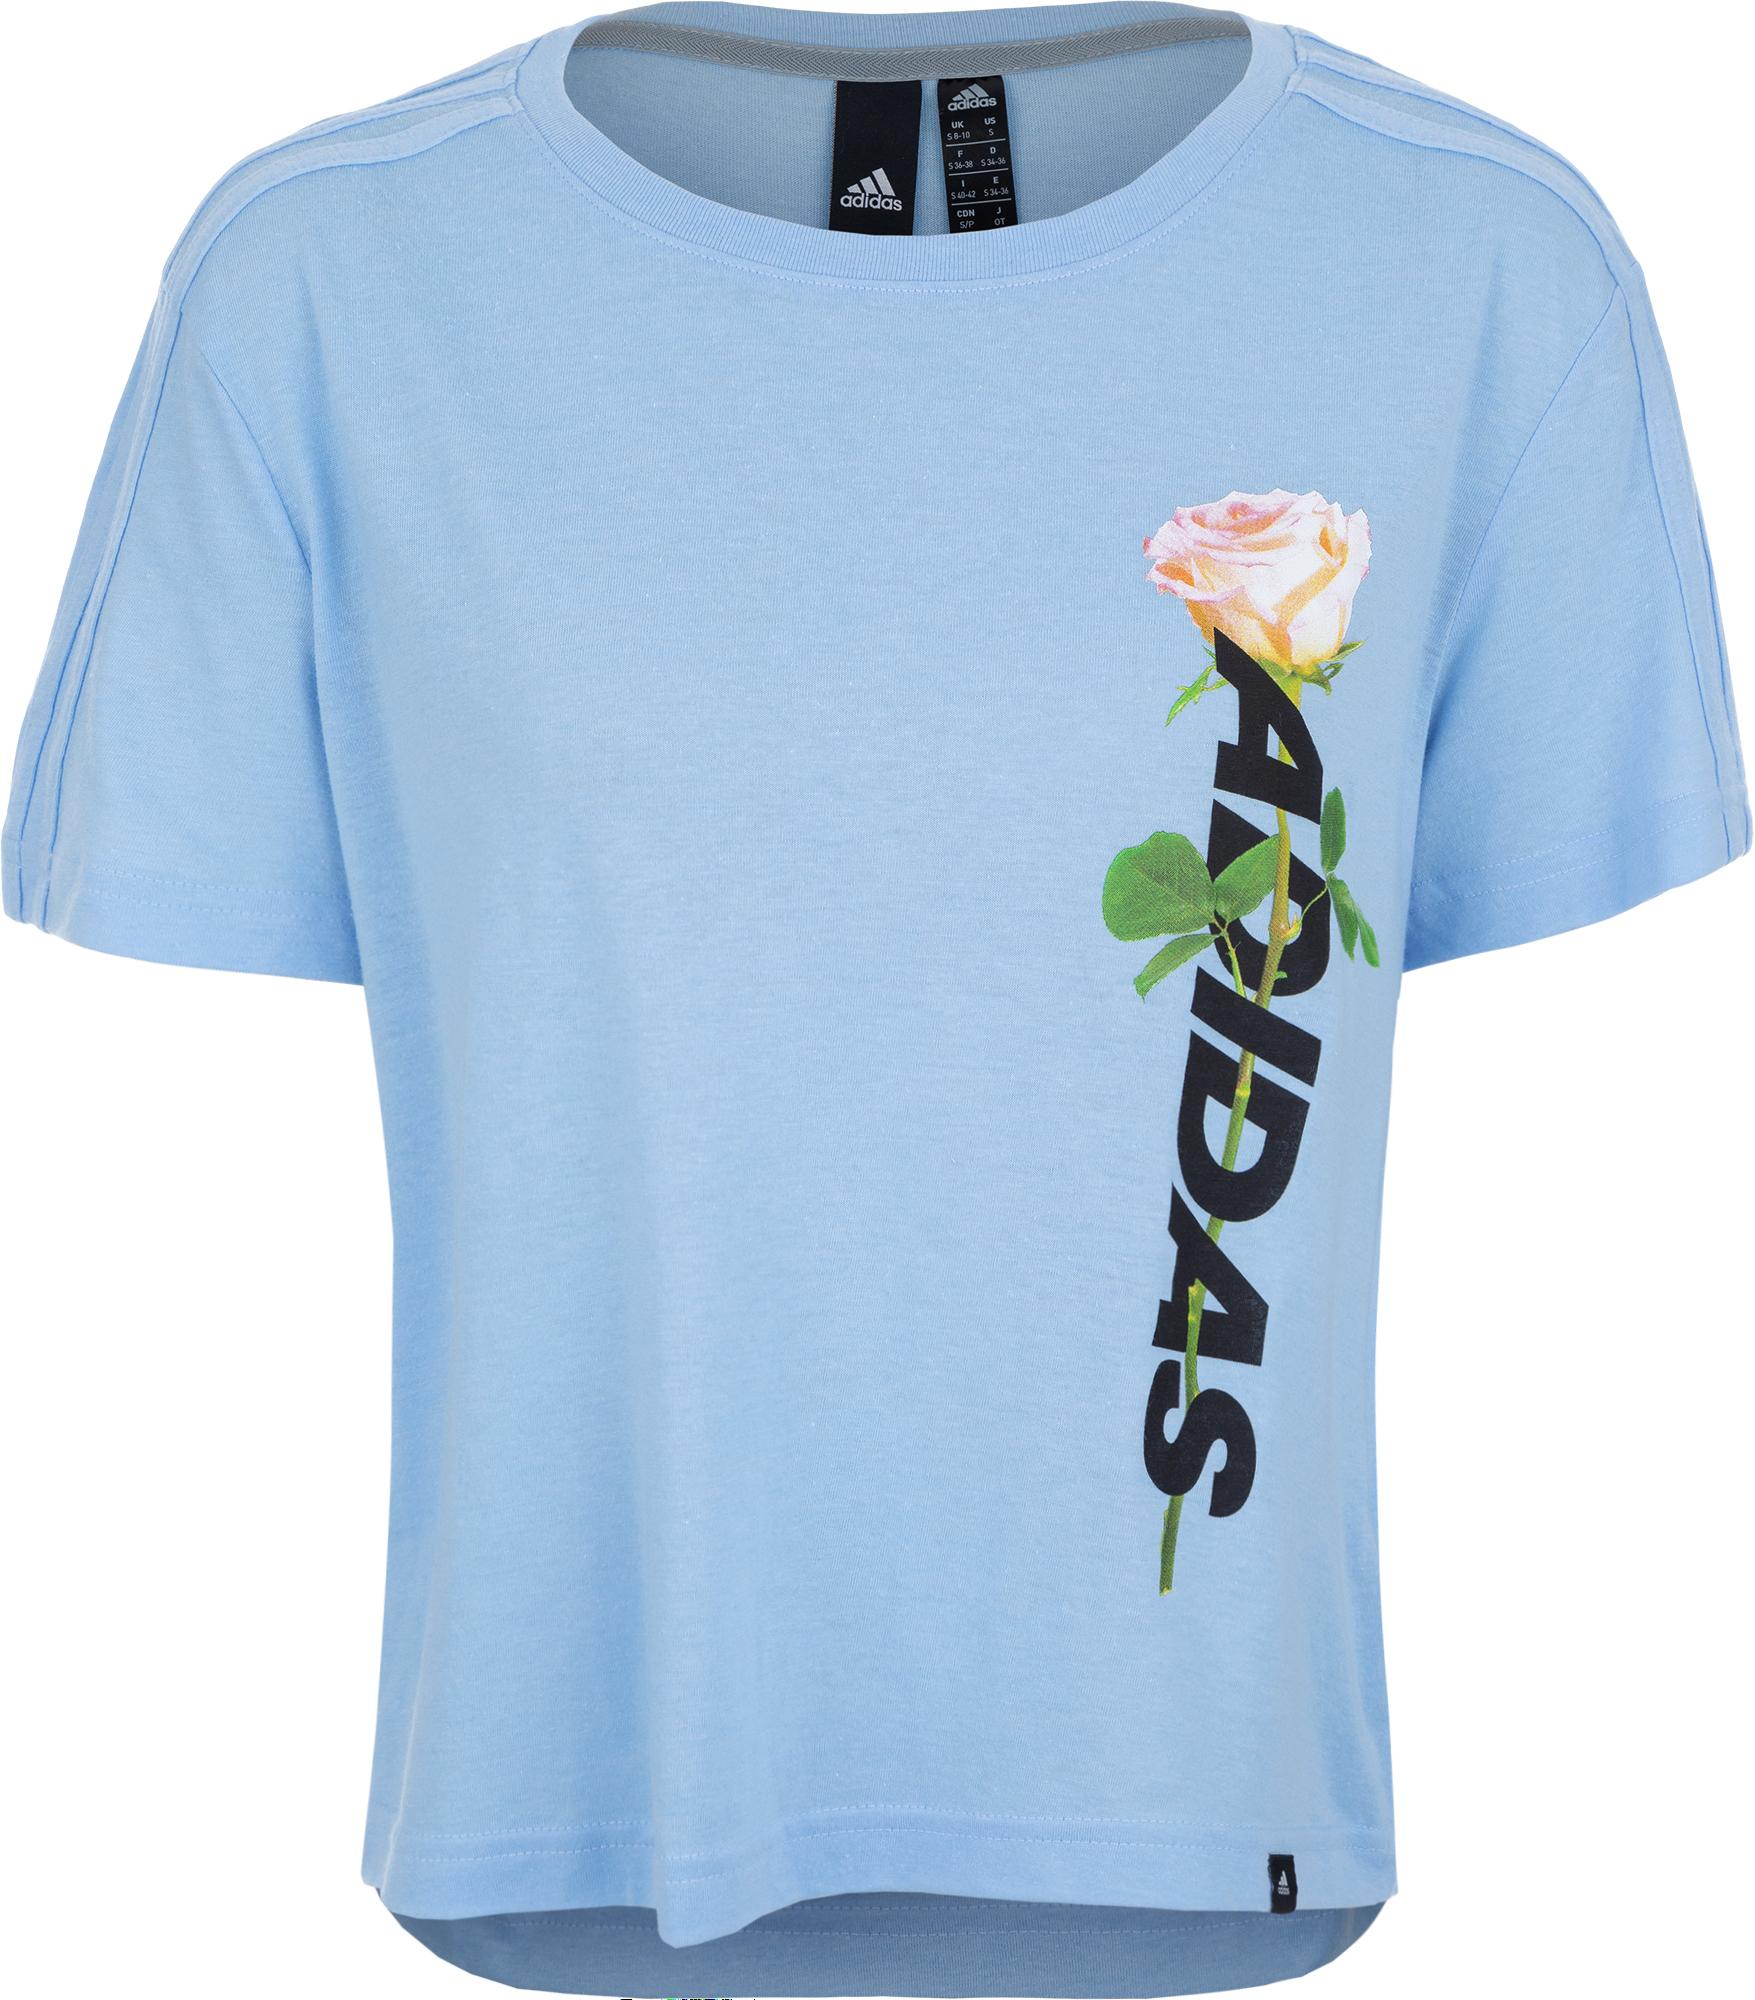 Adidas Футболка женская Adidas Work In Progress Floral Essentials, размер 46-48 все цены